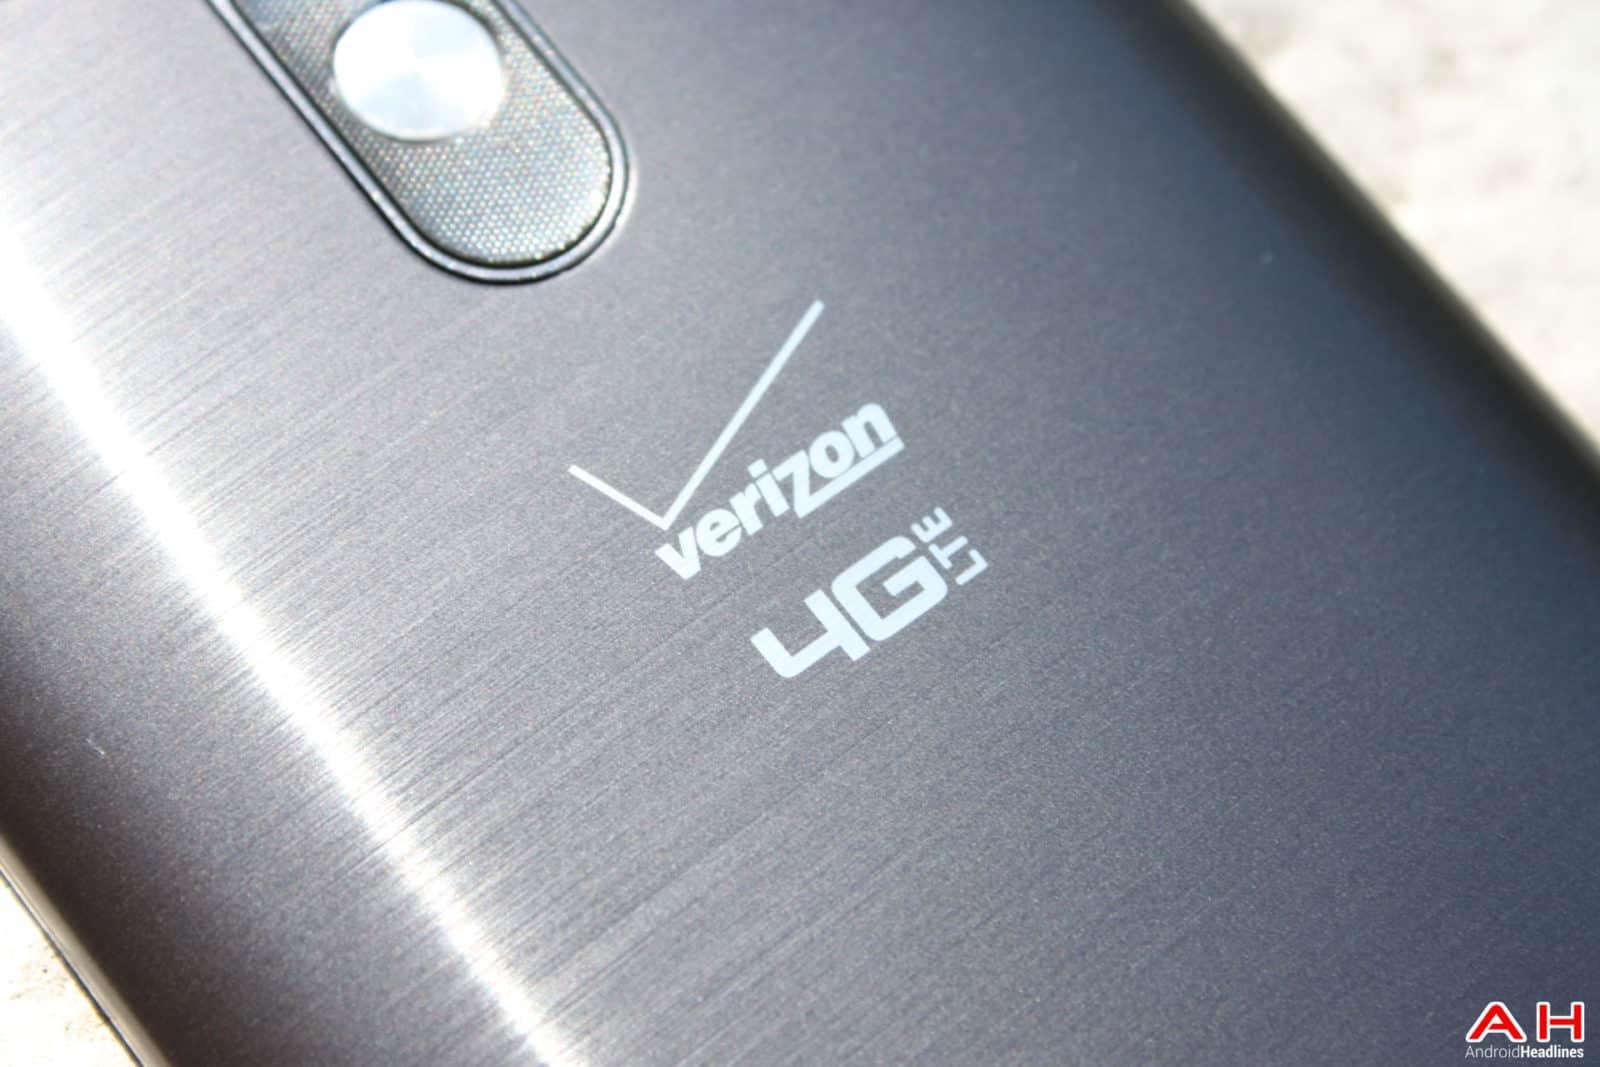 AH LG 3 2014 -41 Verizon Logo